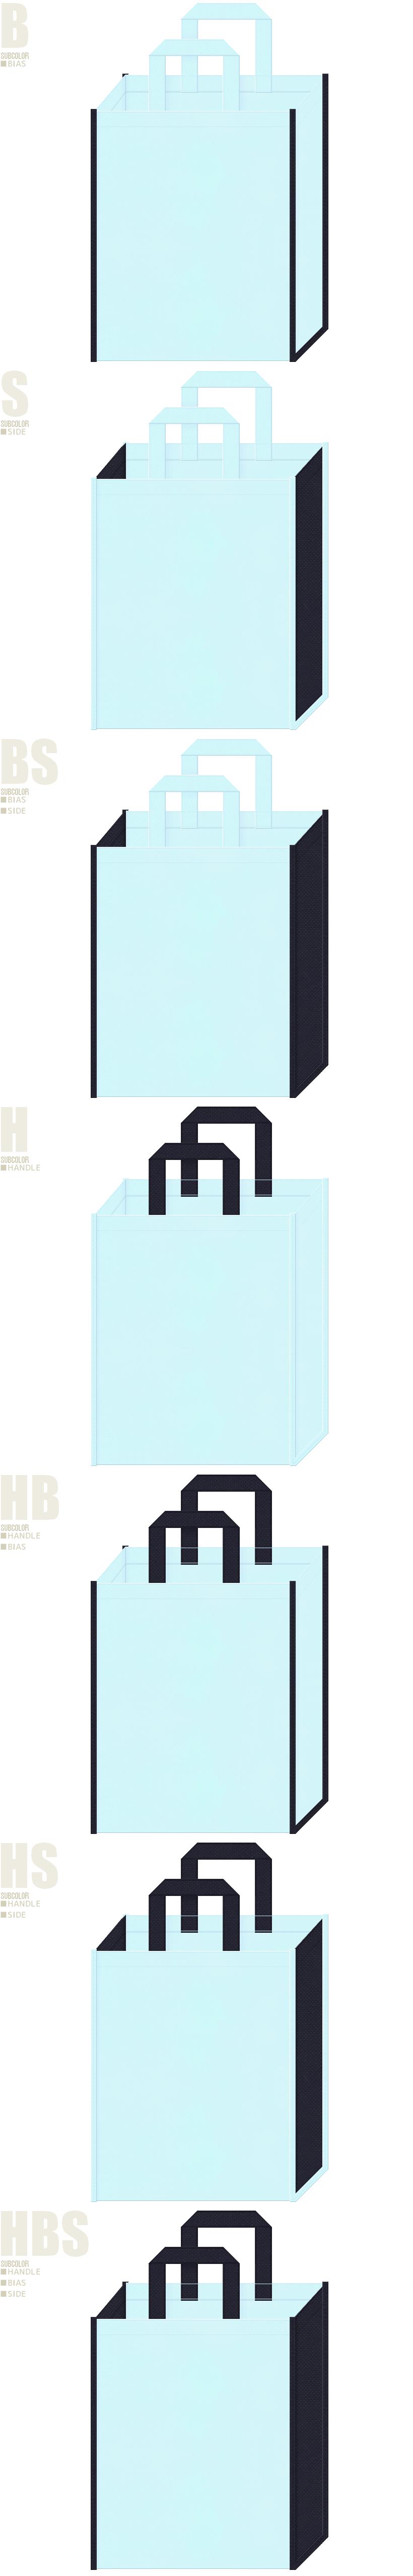 メンズ整髪料・シェーバー・プール・水泳教室・アクアリウム・海運・水産・船舶・クルージング・ボート・ヨット・マリンスポーツ・ランドリーバッグ・クリーニング用品の展示会用バッグにお奨めの不織布バッグデザイン:水色と濃紺色の配色7パターン